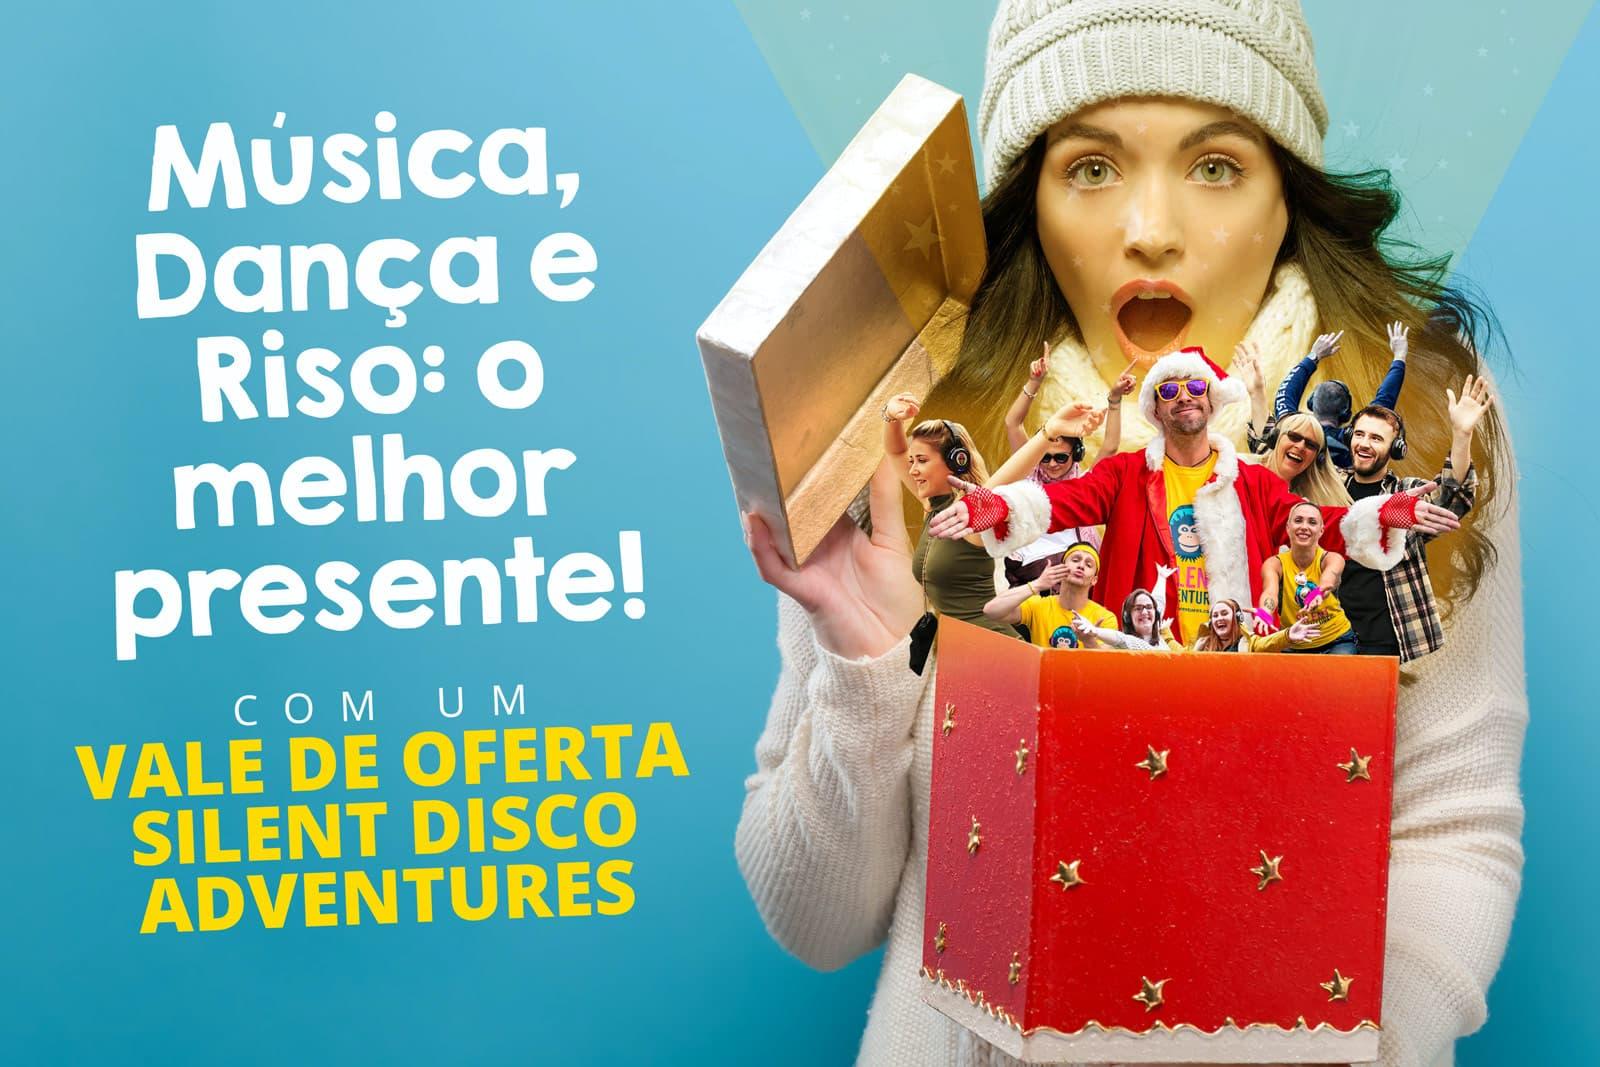 Música, Dança e Riso: o melhor presente!